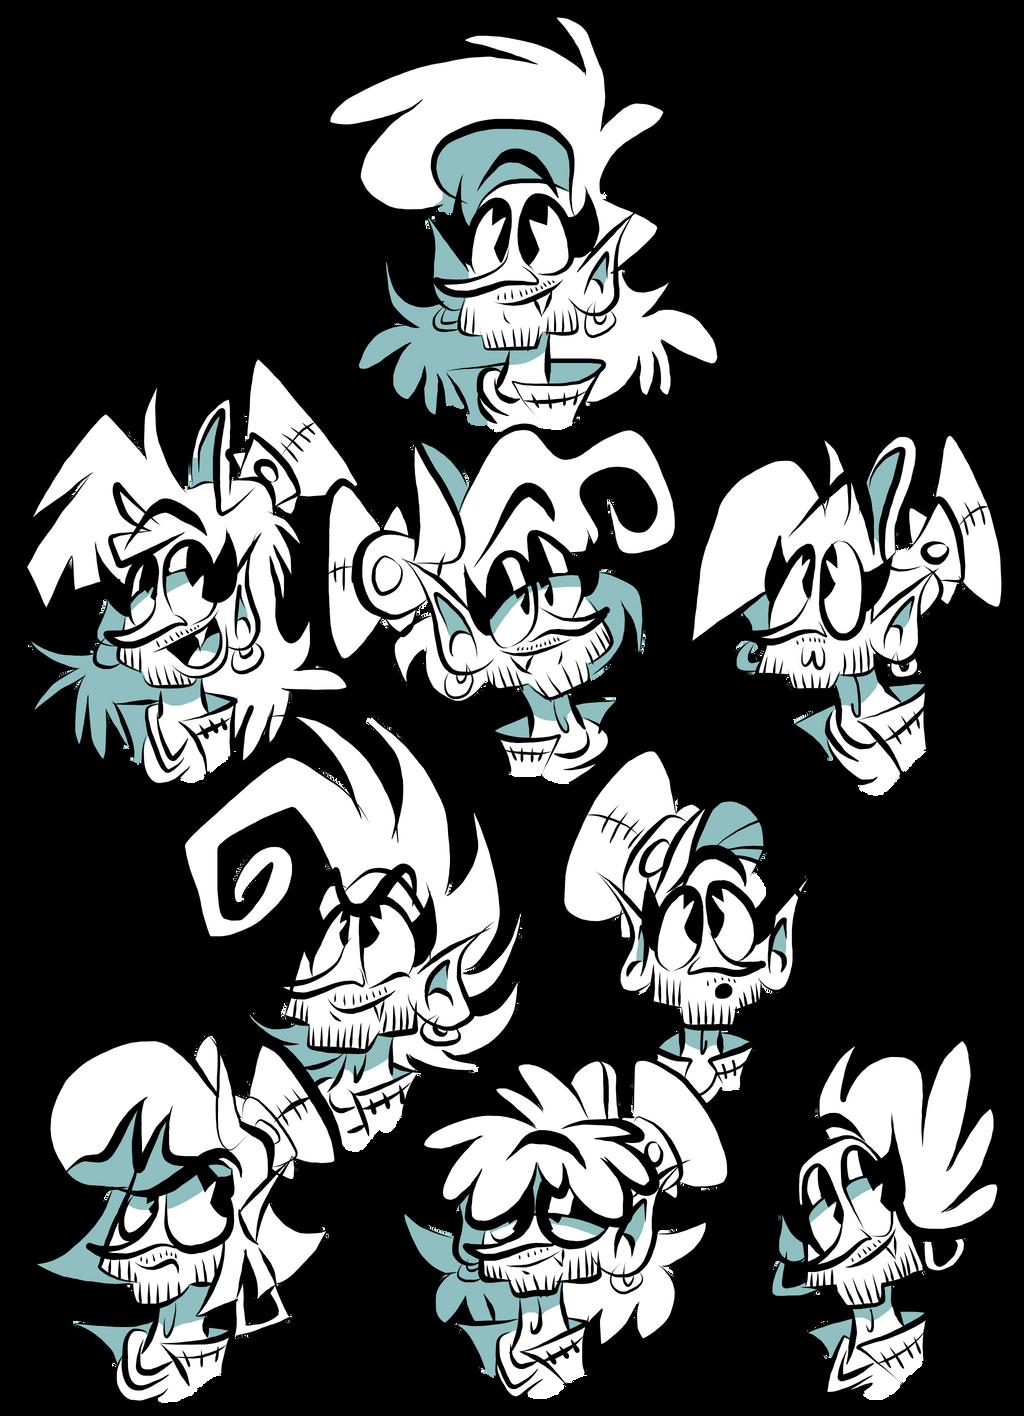 Snazzy Hairstyles by EeyorbStudios